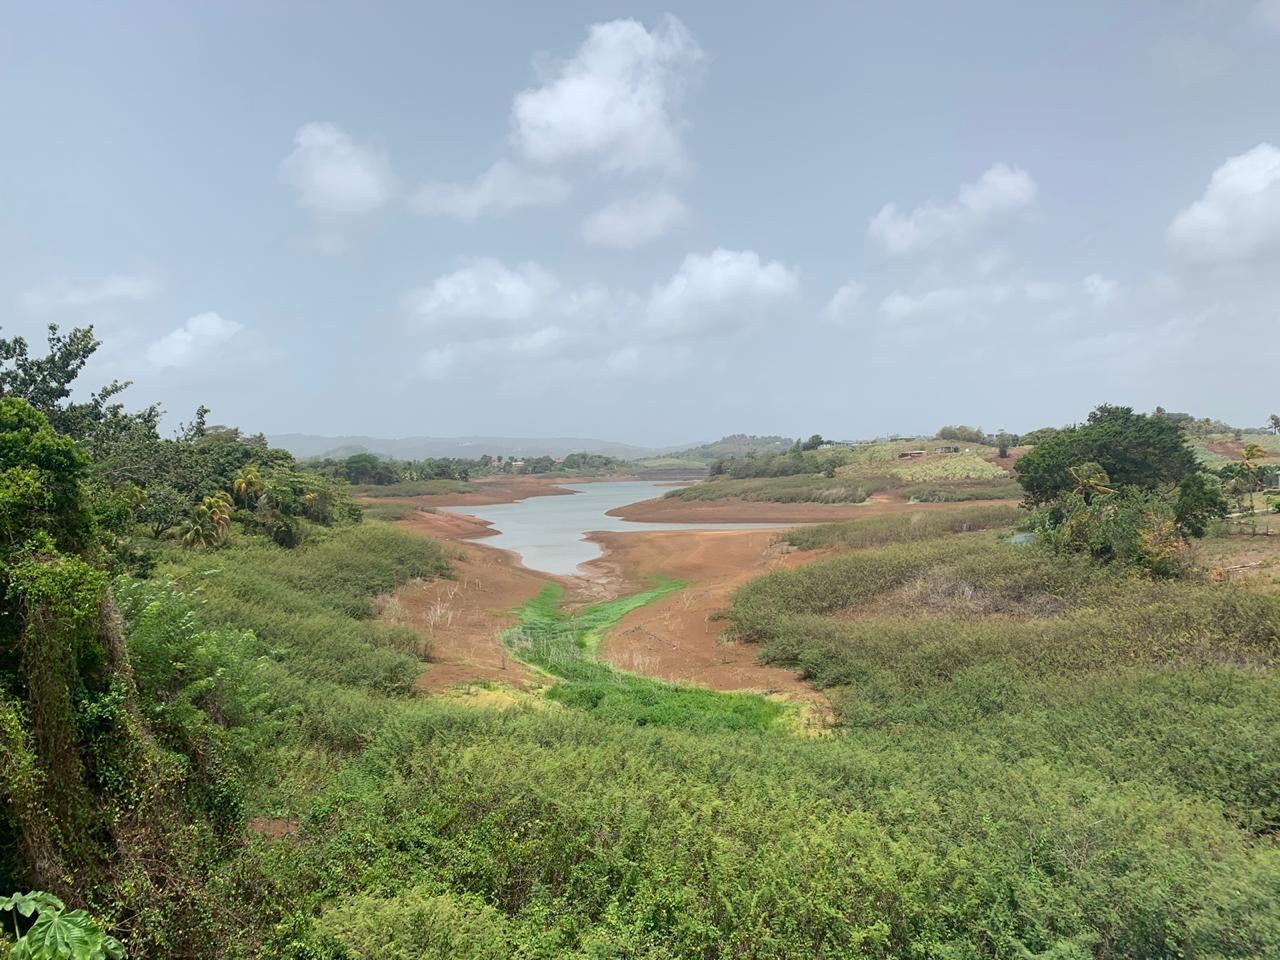 Sécheresse : les images inquiétantes du barrage de la Manzo